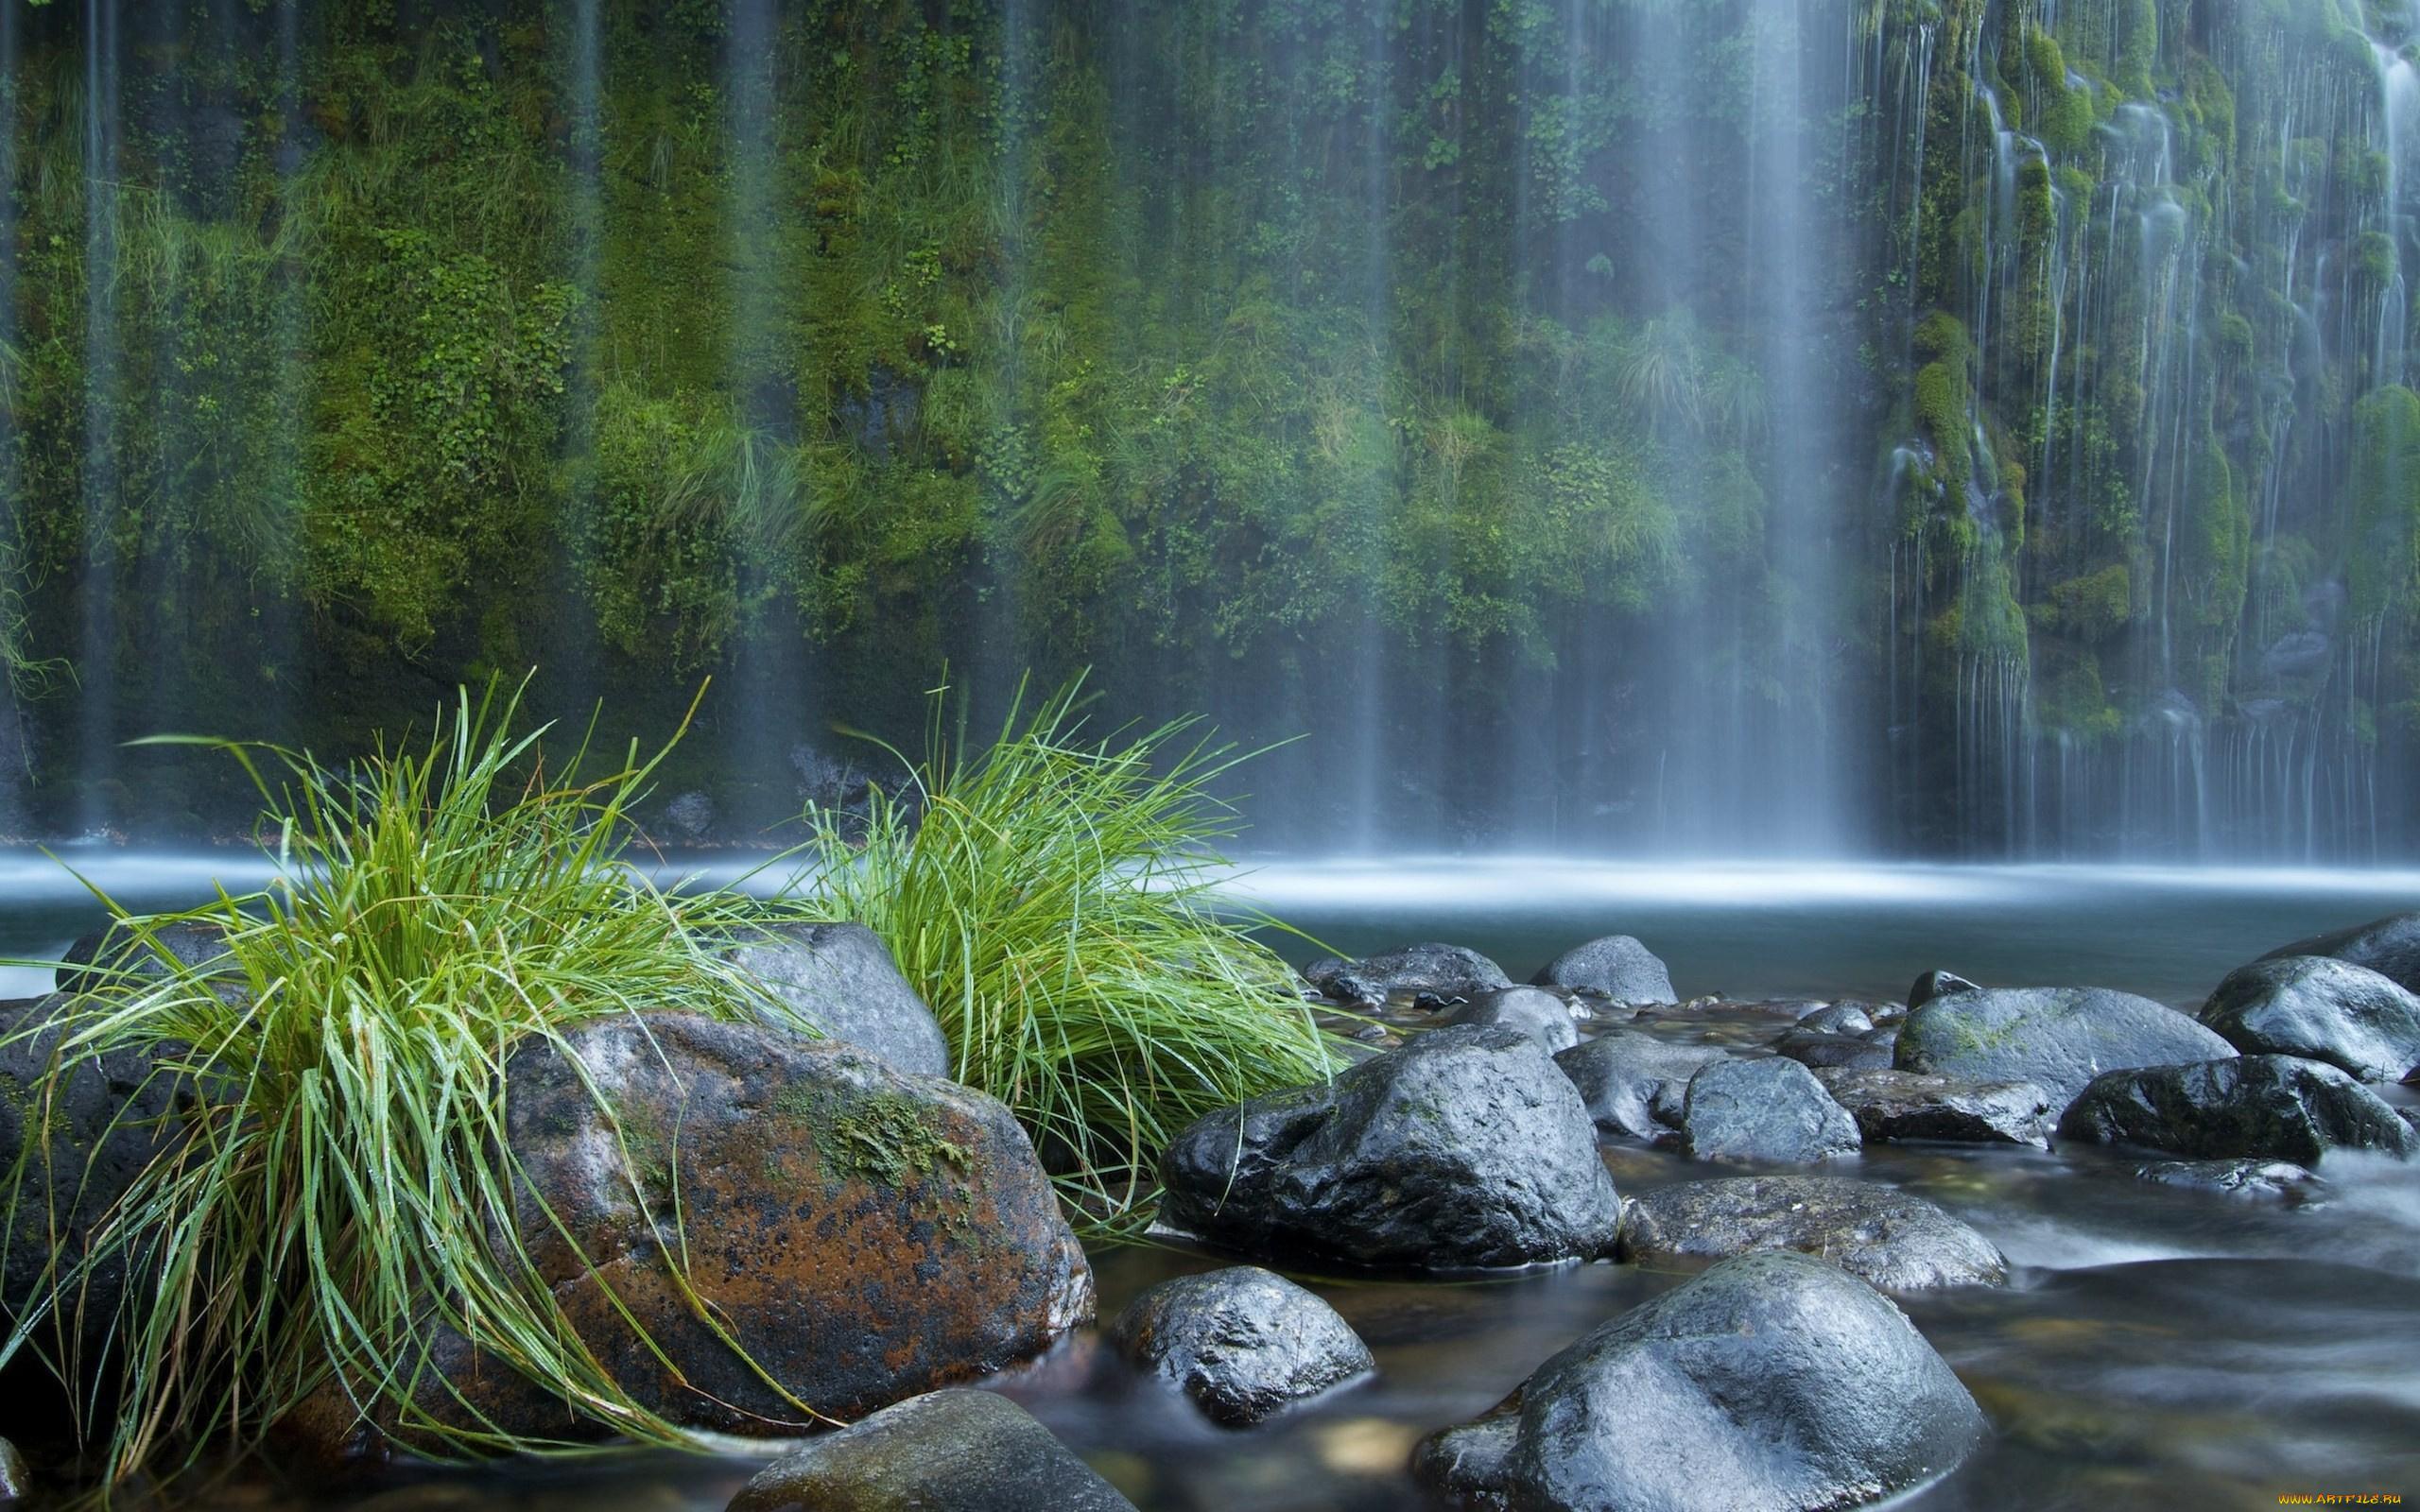 Водопад по камням  № 1869749 загрузить